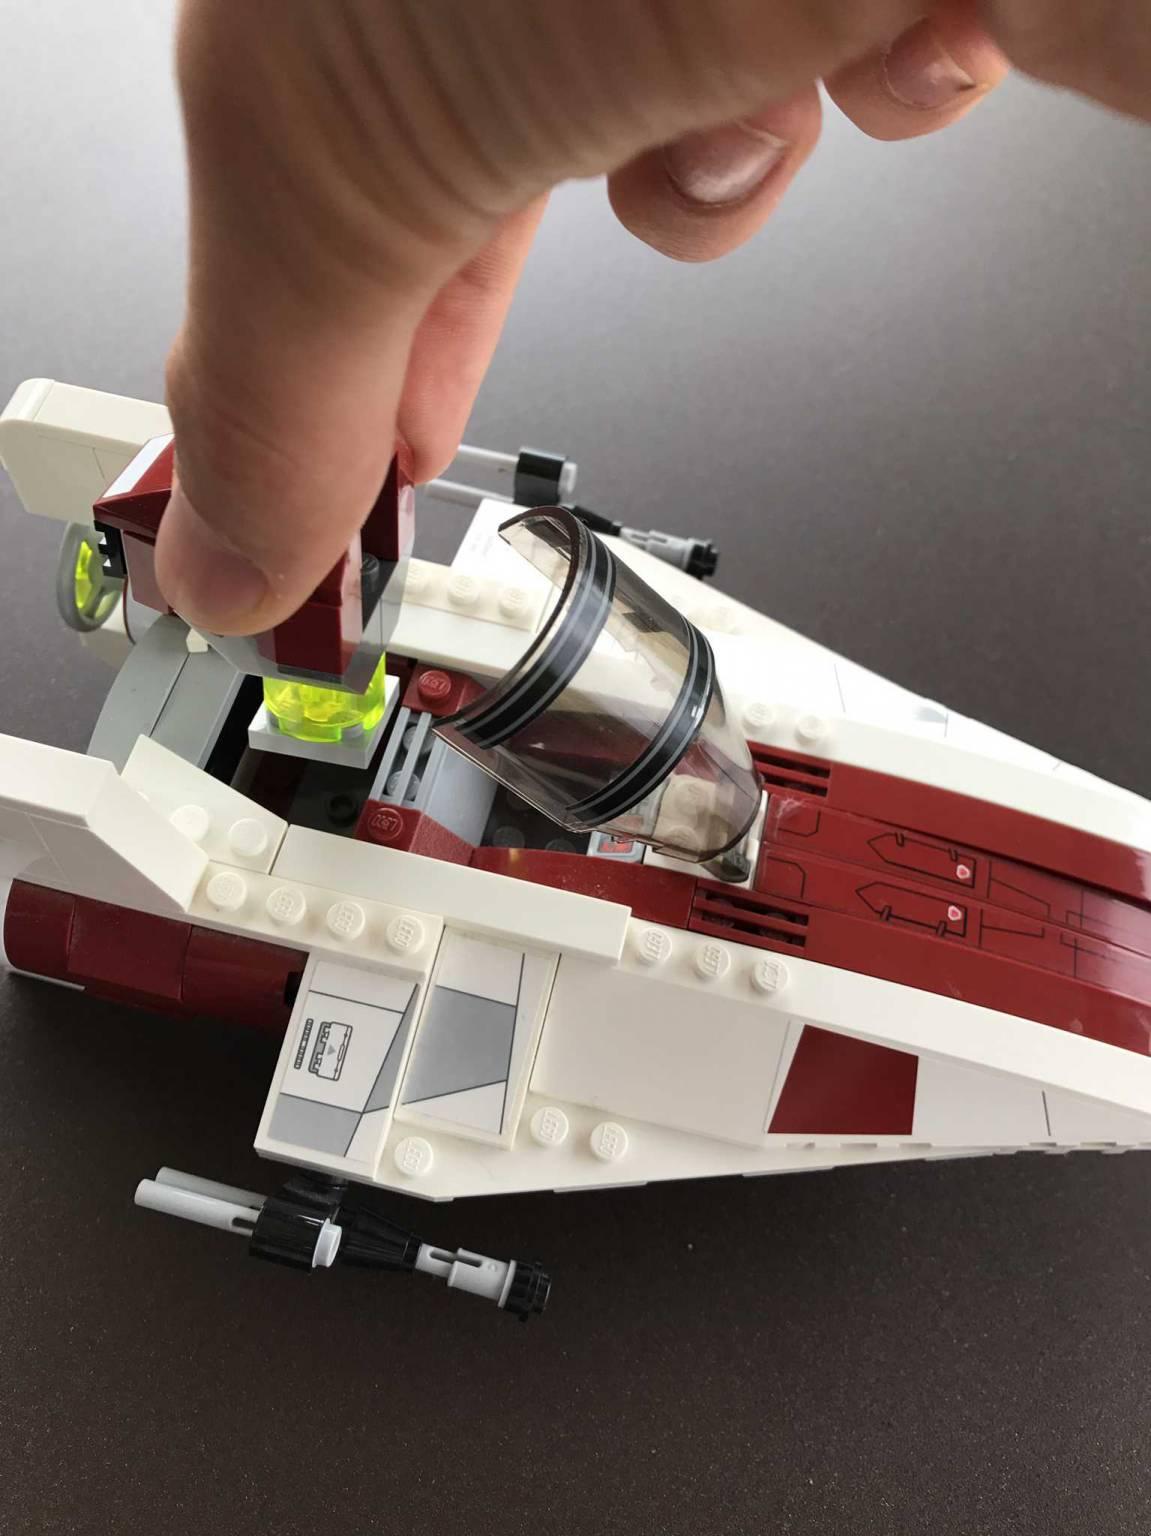 lego star wars vaisseau spatial promotion lego star wars. Black Bedroom Furniture Sets. Home Design Ideas